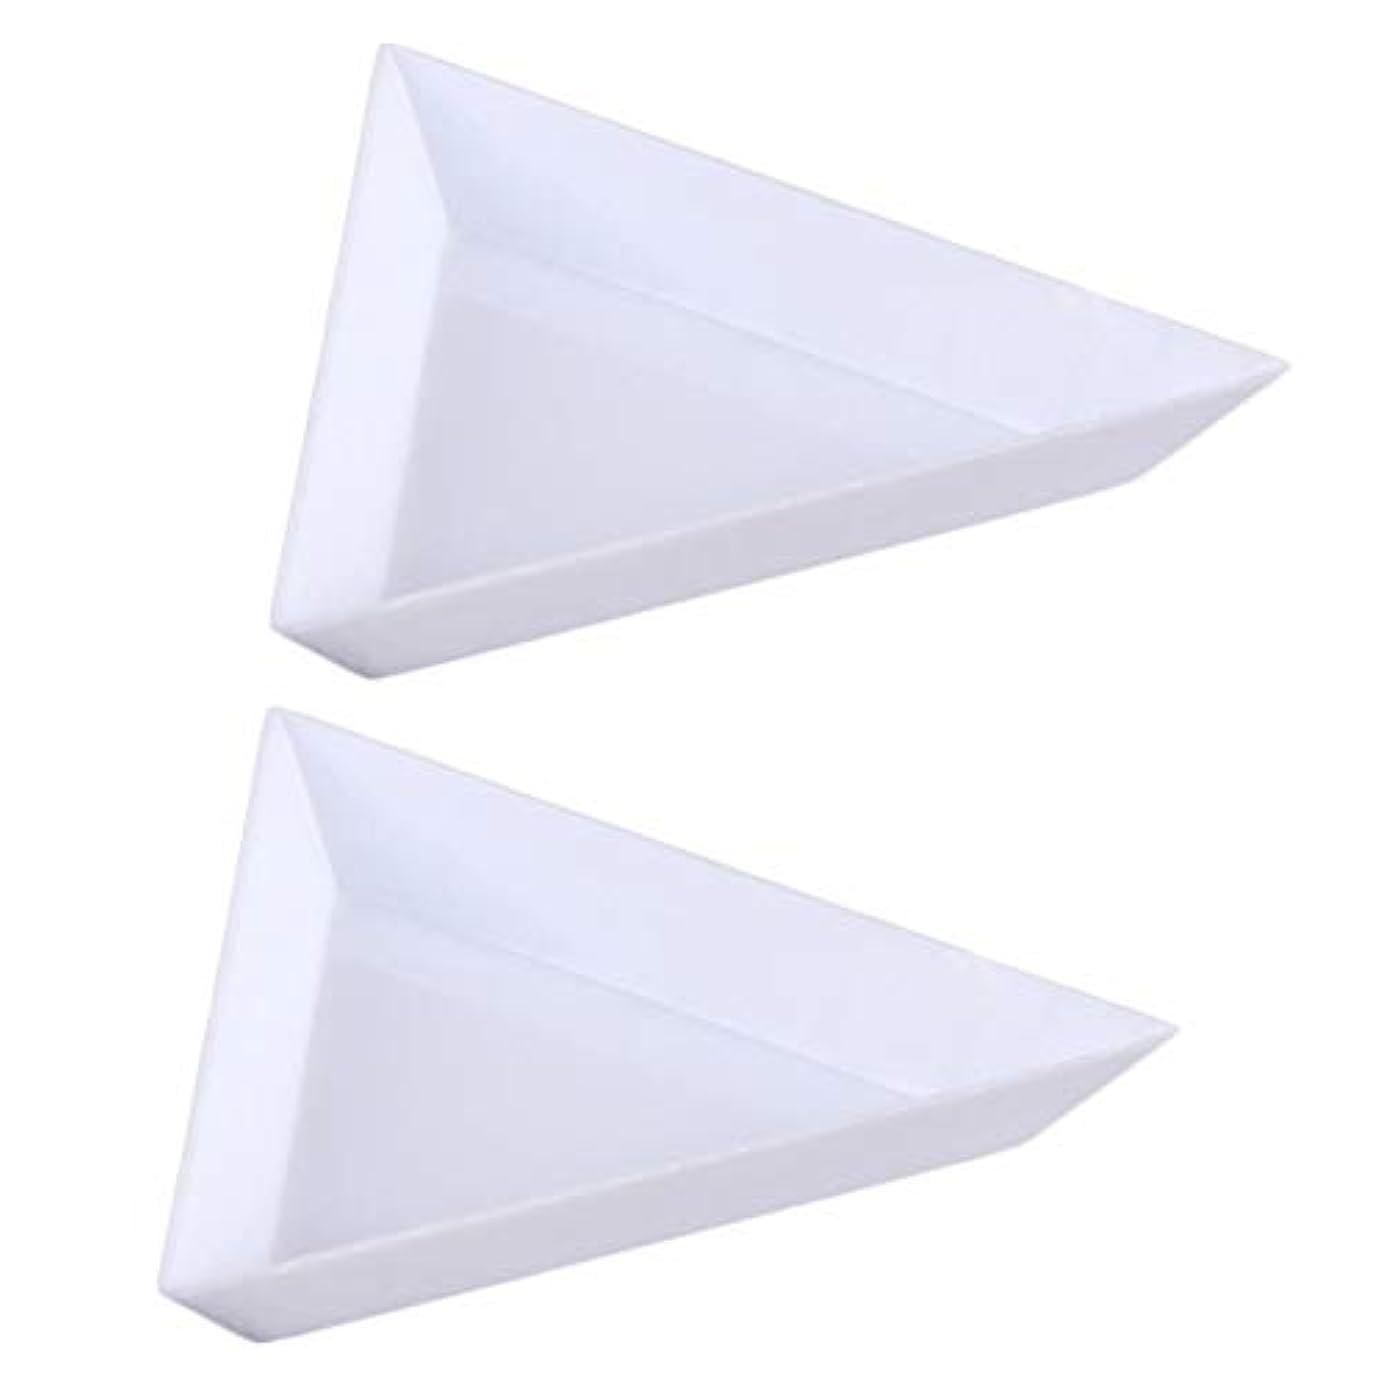 仮装橋脚メインTOOGOO 10個三角コーナープラスチックラインストーンビーズ 結晶 ネイルアートソーティングトレイアクセサリー白 DiyネイルアートデコレーションDotting収納トレイ オーガニゼーションに最適